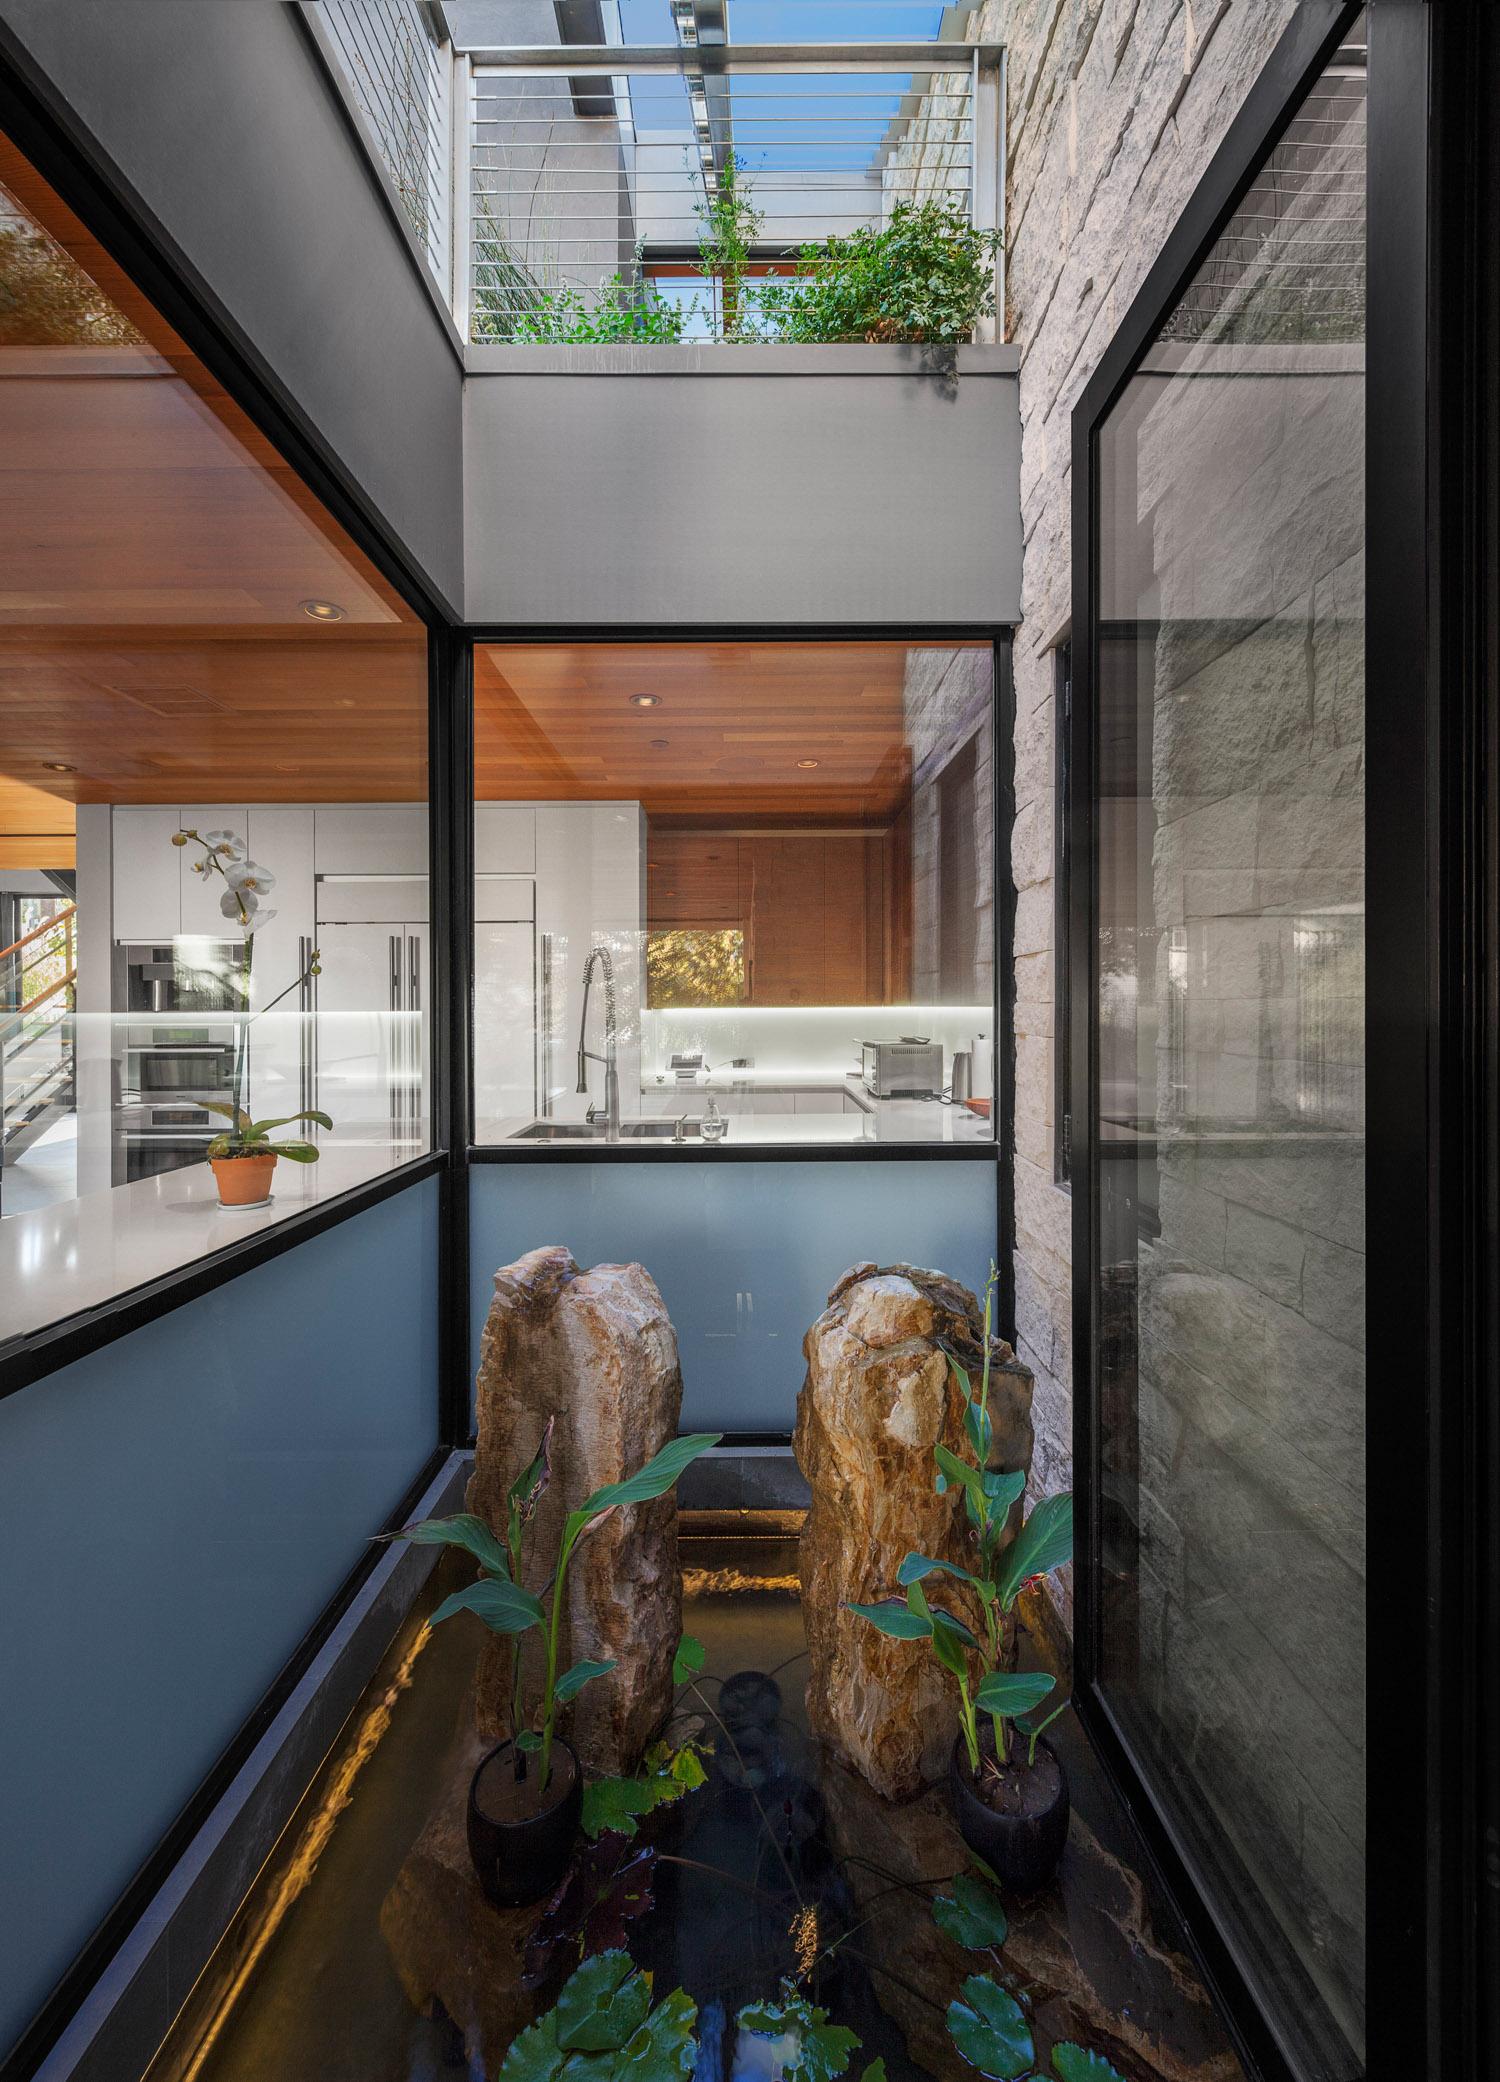 acacia-house-hunter-leggitt-studio-sk17.jpg